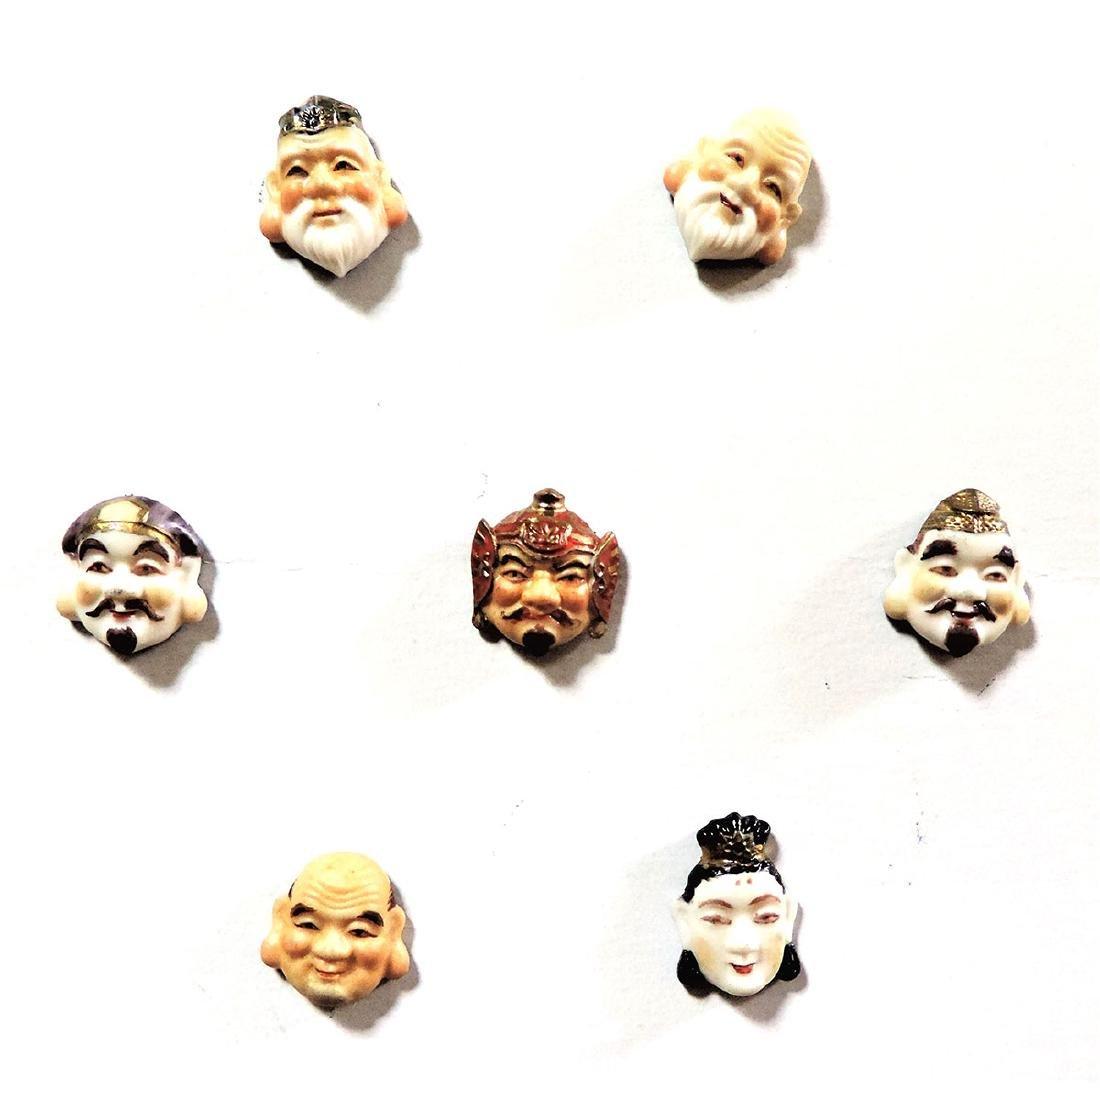 SET OF 7 SMALLER SIZE ARITA GODS BUTTONS